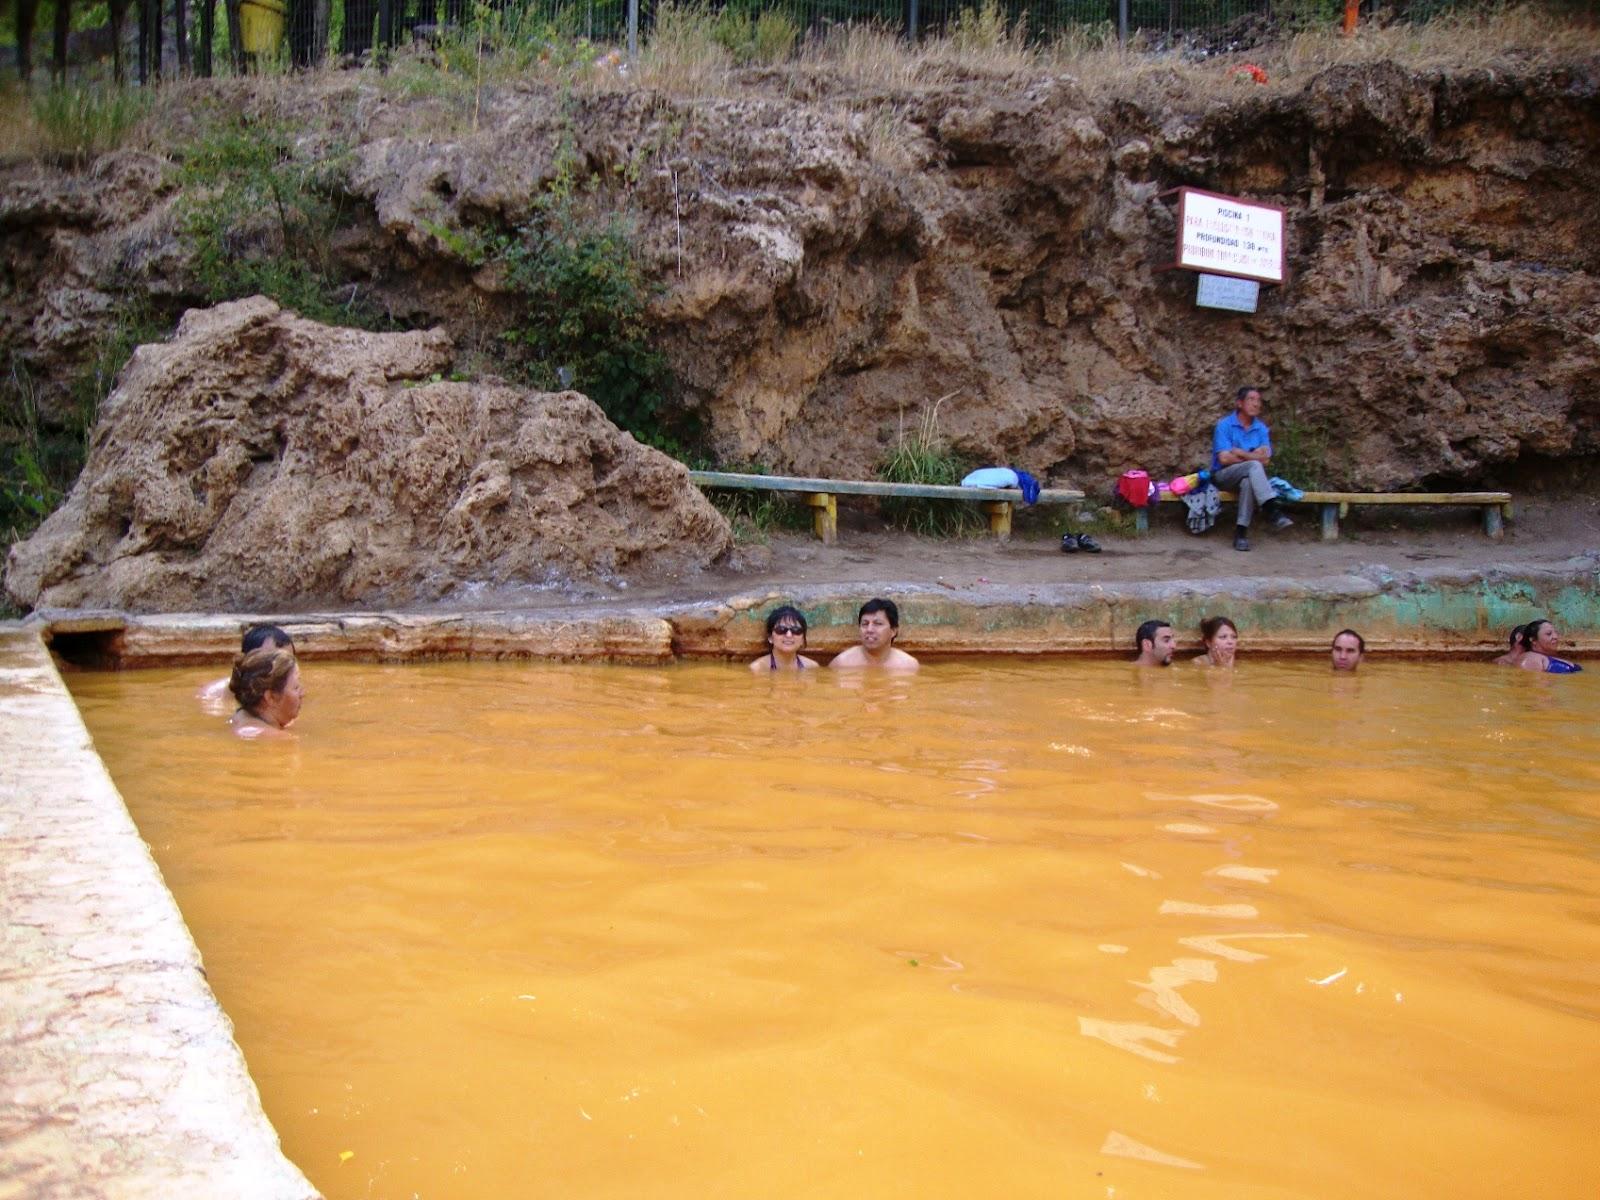 Baño Pintado De Amarillo:Me supo a recuerdo pintado de Amarillo-Marrón: Baños Morales, Cajón